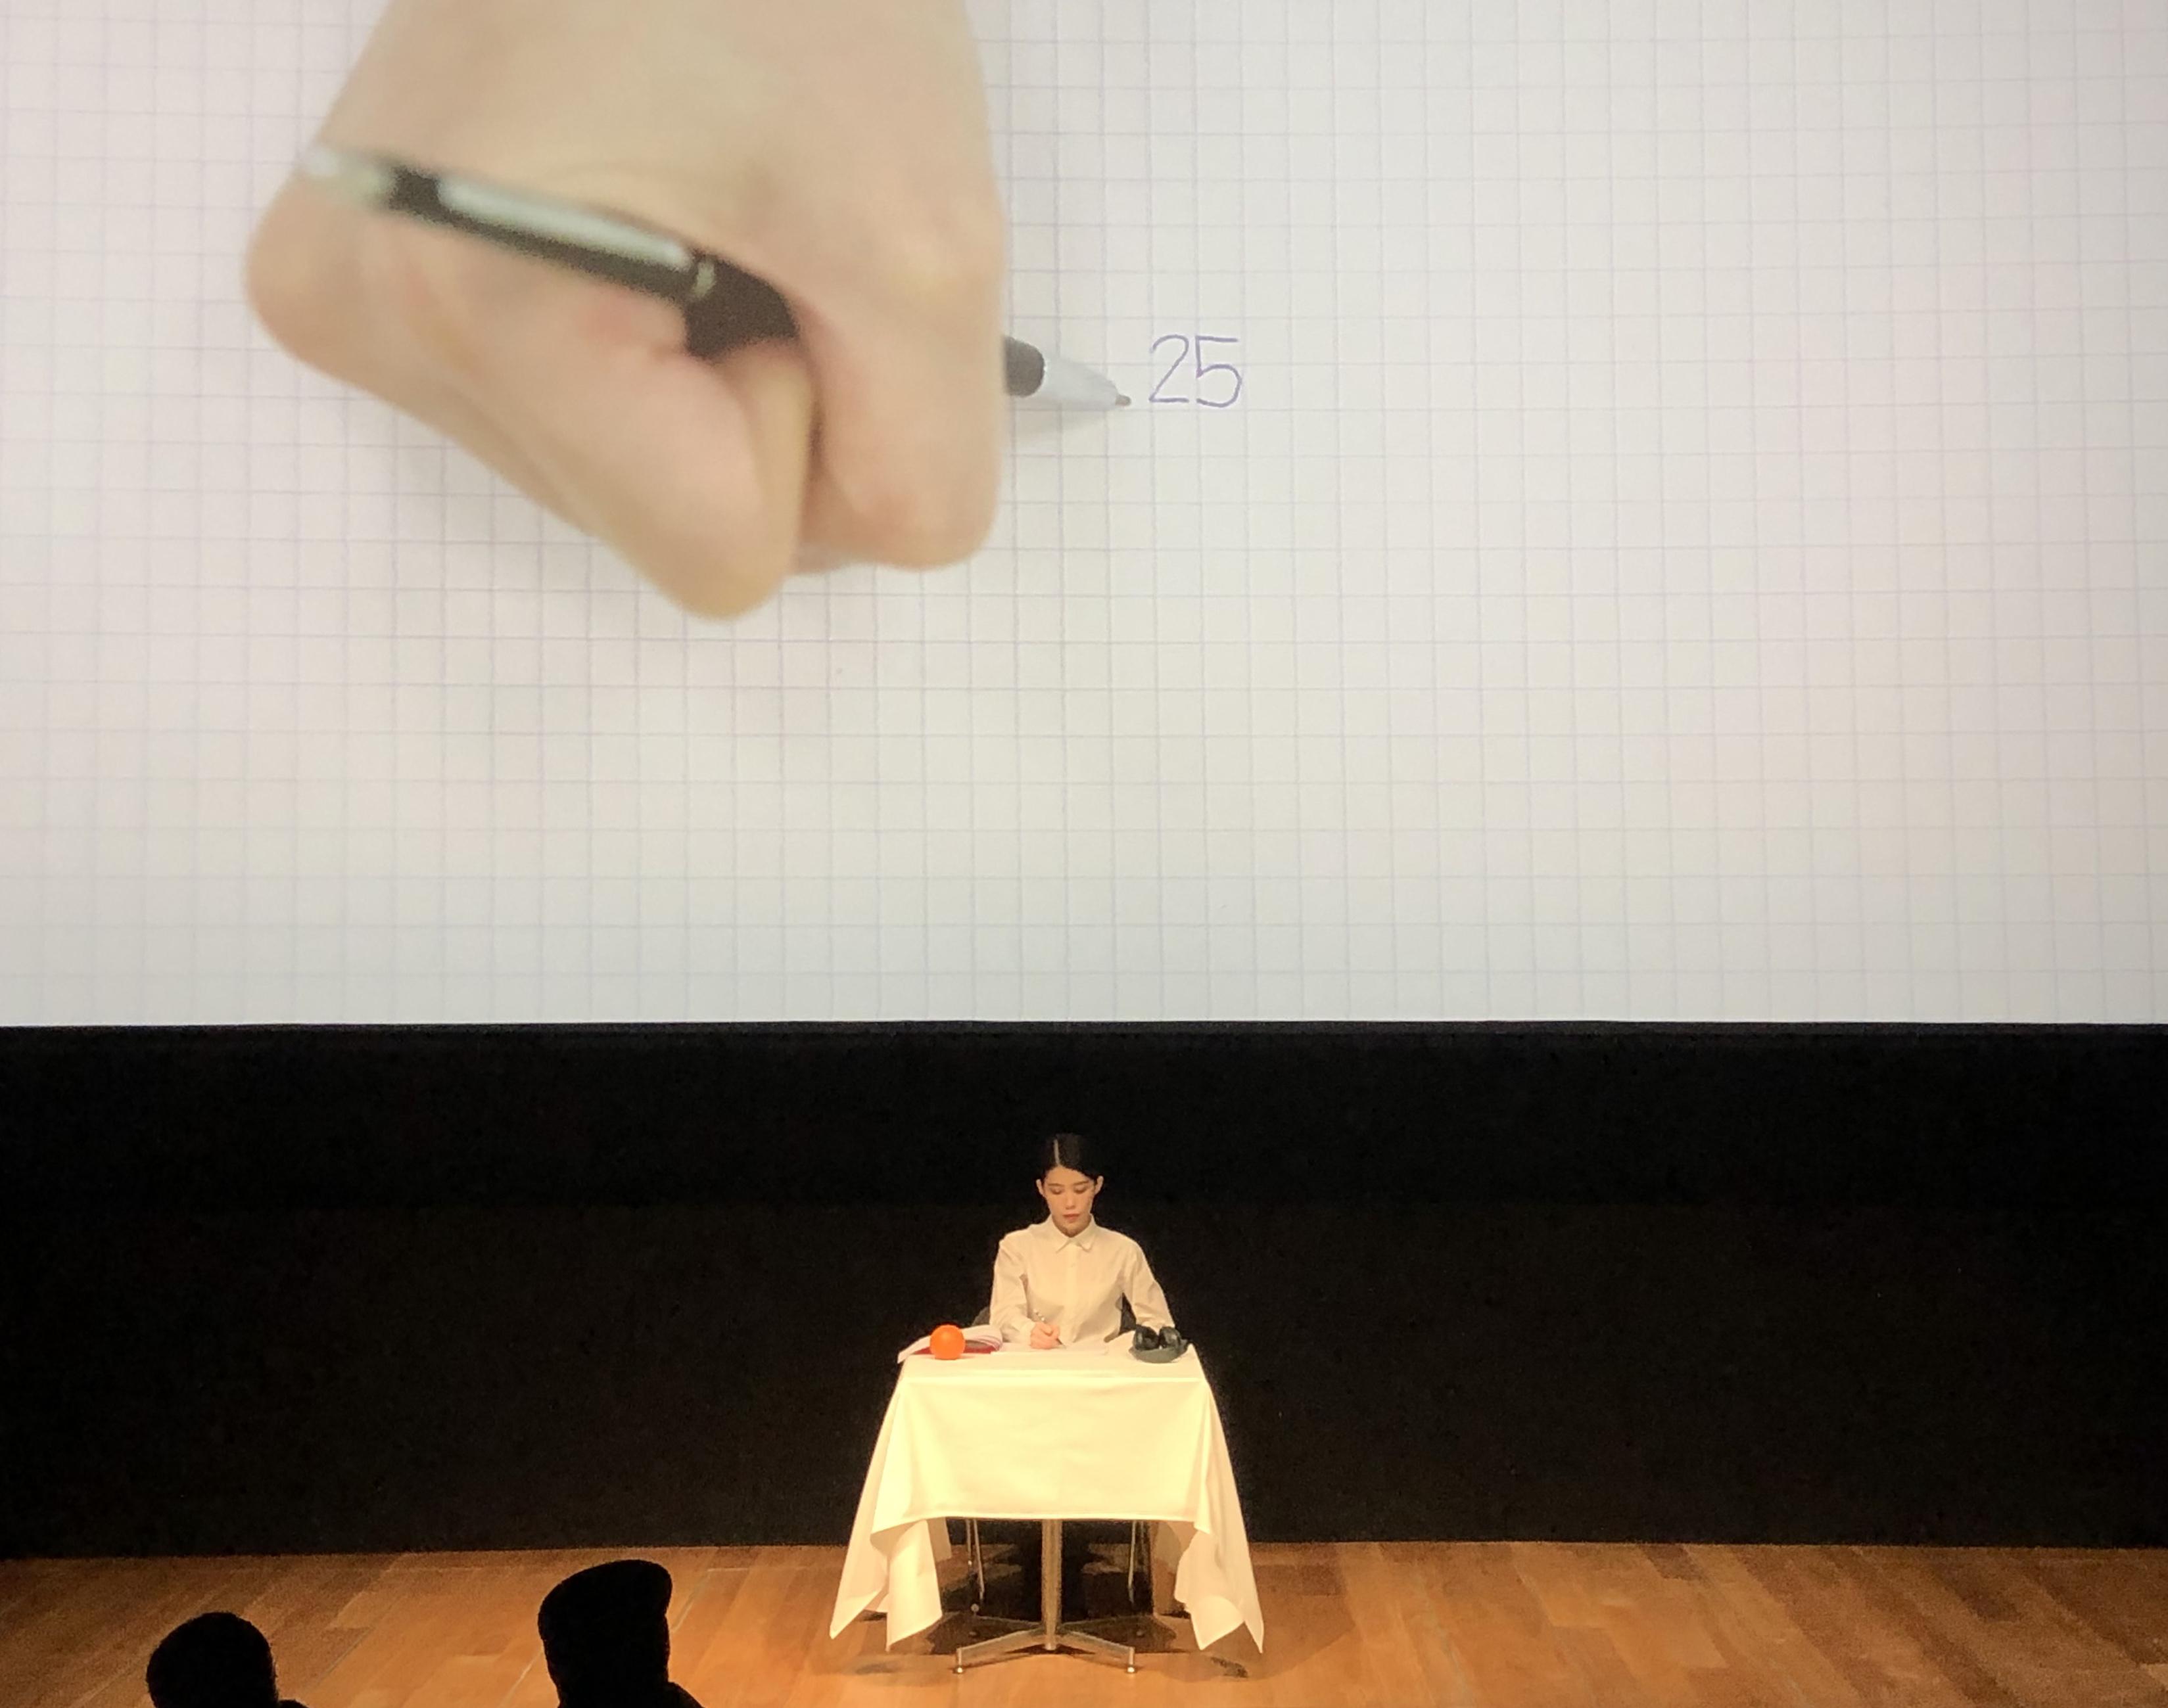 首屆亞洲協會三年展紐約開展,台灣藝術家何采柔與20國當代藝術家共同展出